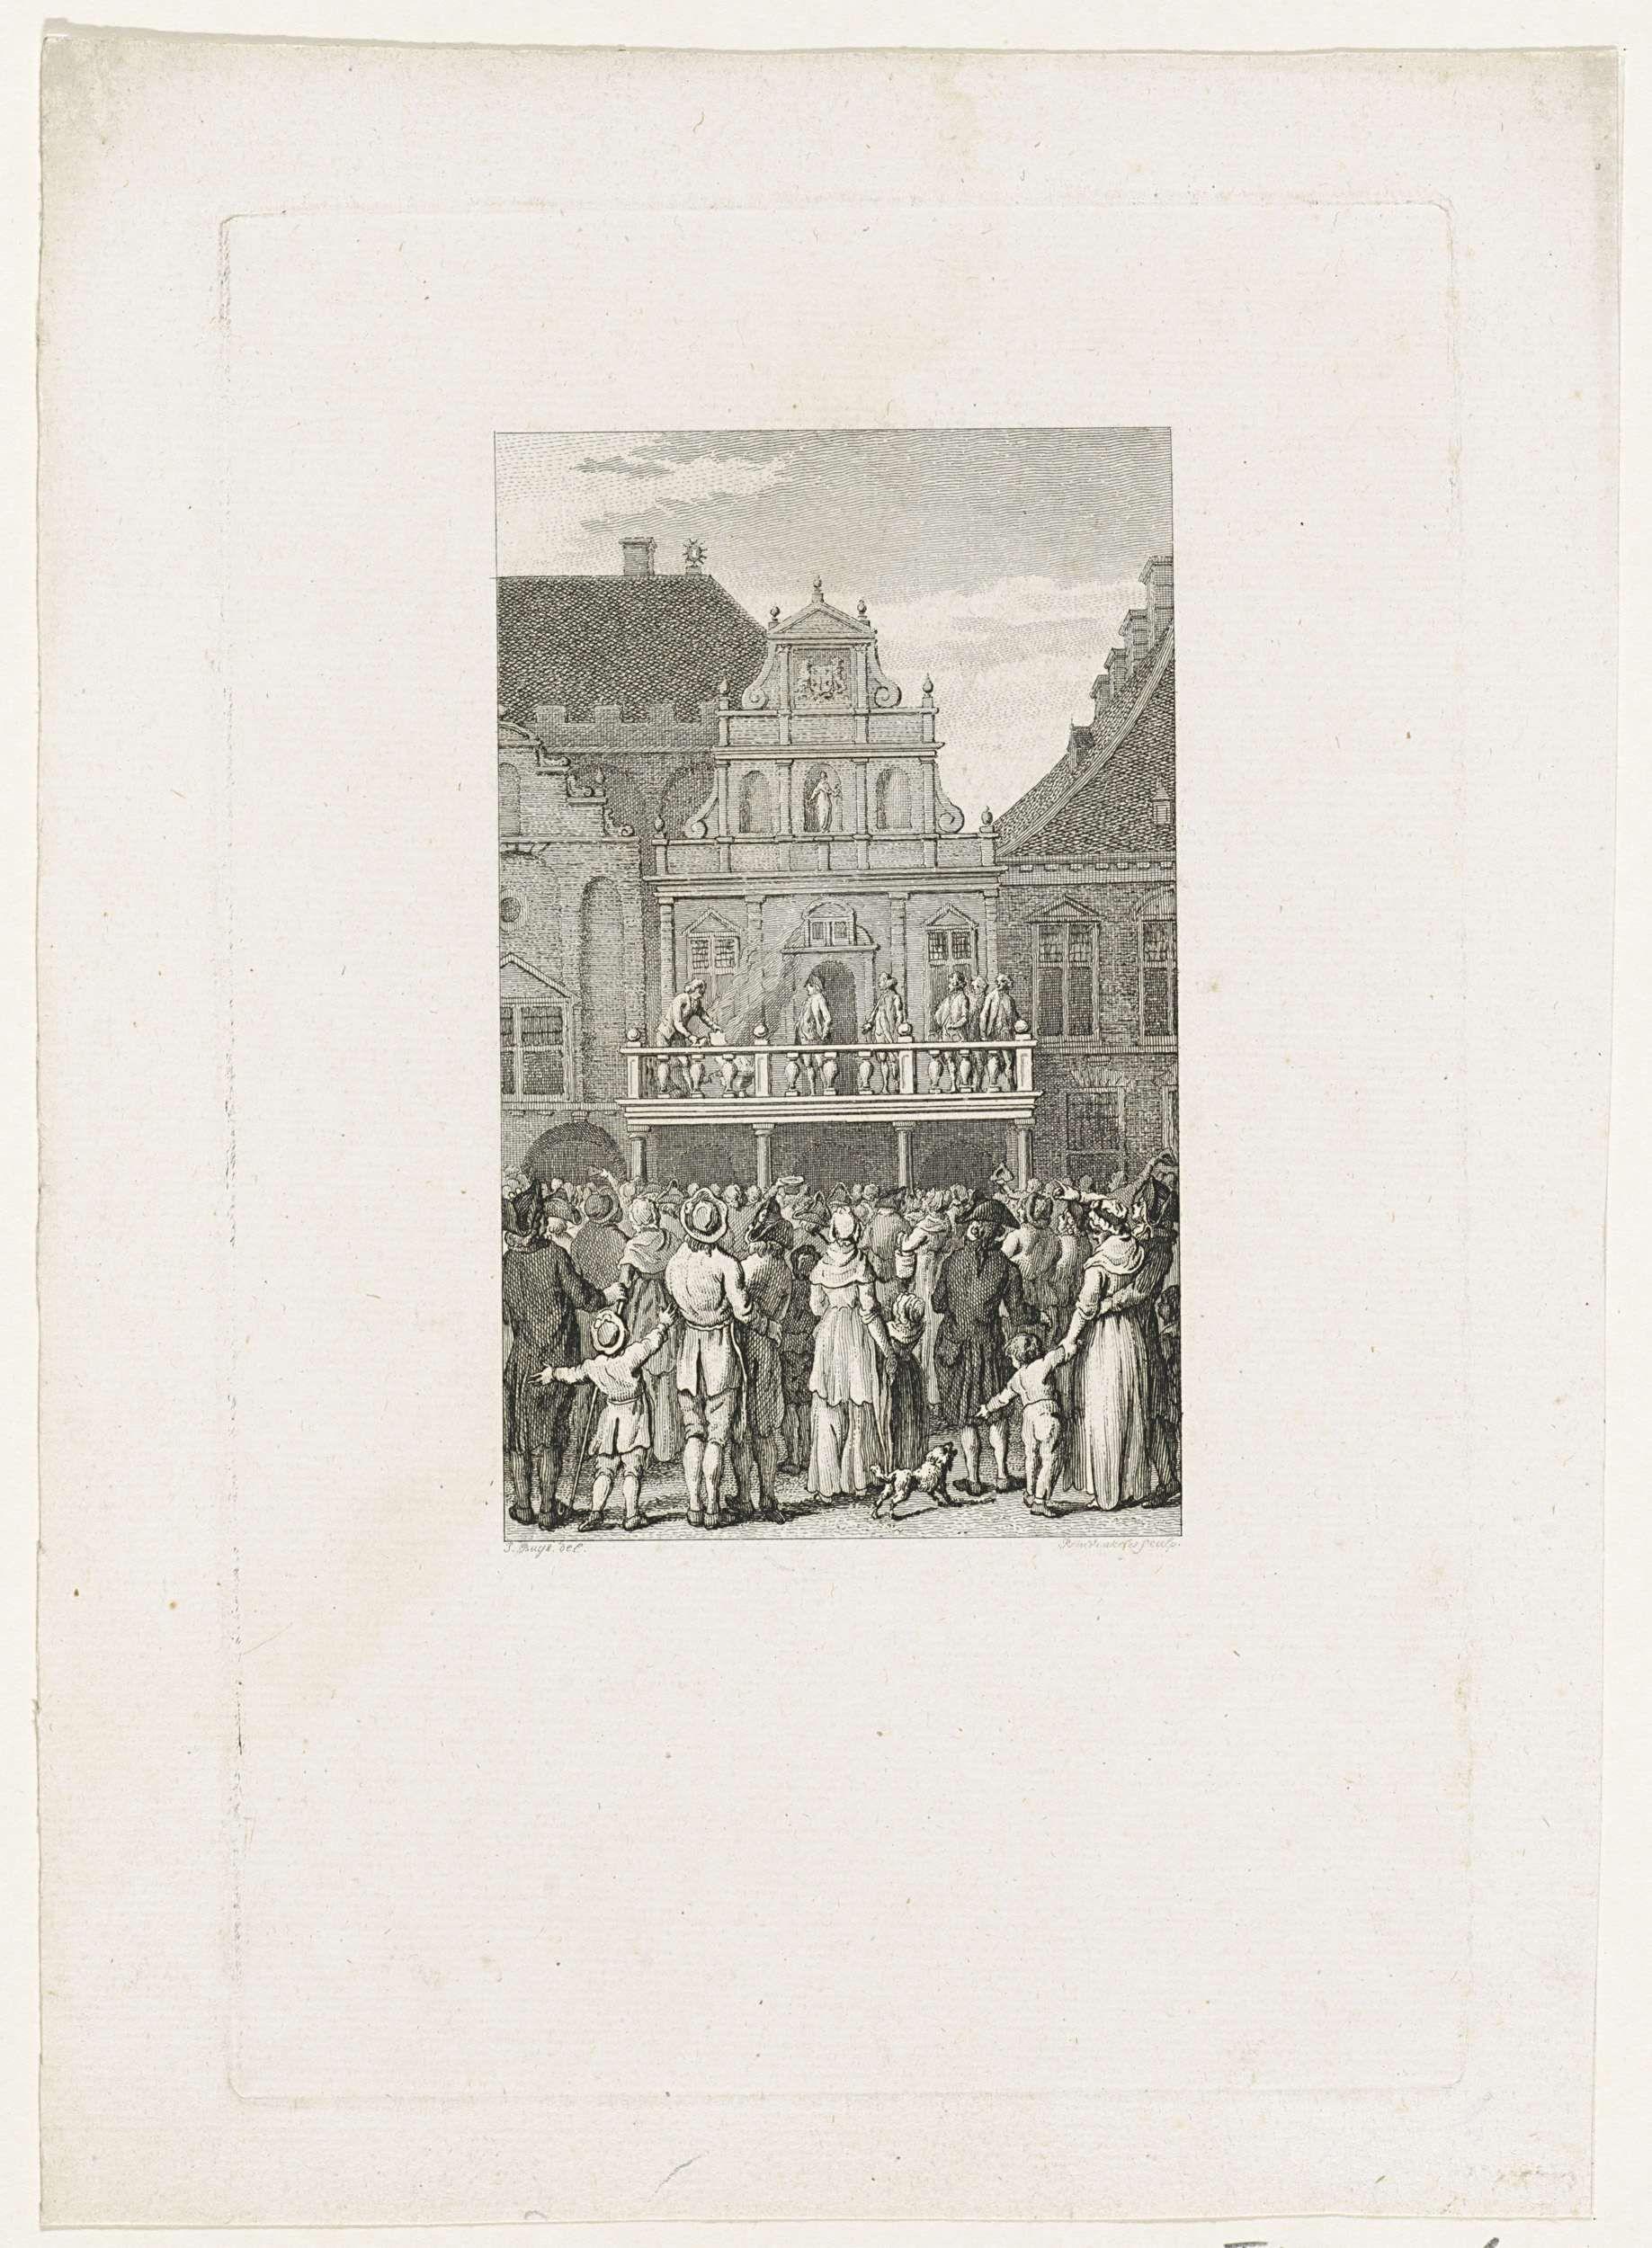 Reinier Vinkeles | Verbranding van een pamflet te Haarlem, 1790, Reinier Vinkeles, 1799 | Publieke verbranding van een fameus pamflet door de beul op een schavot voor het stadshuis te Haarlem, 23 maart 1790.